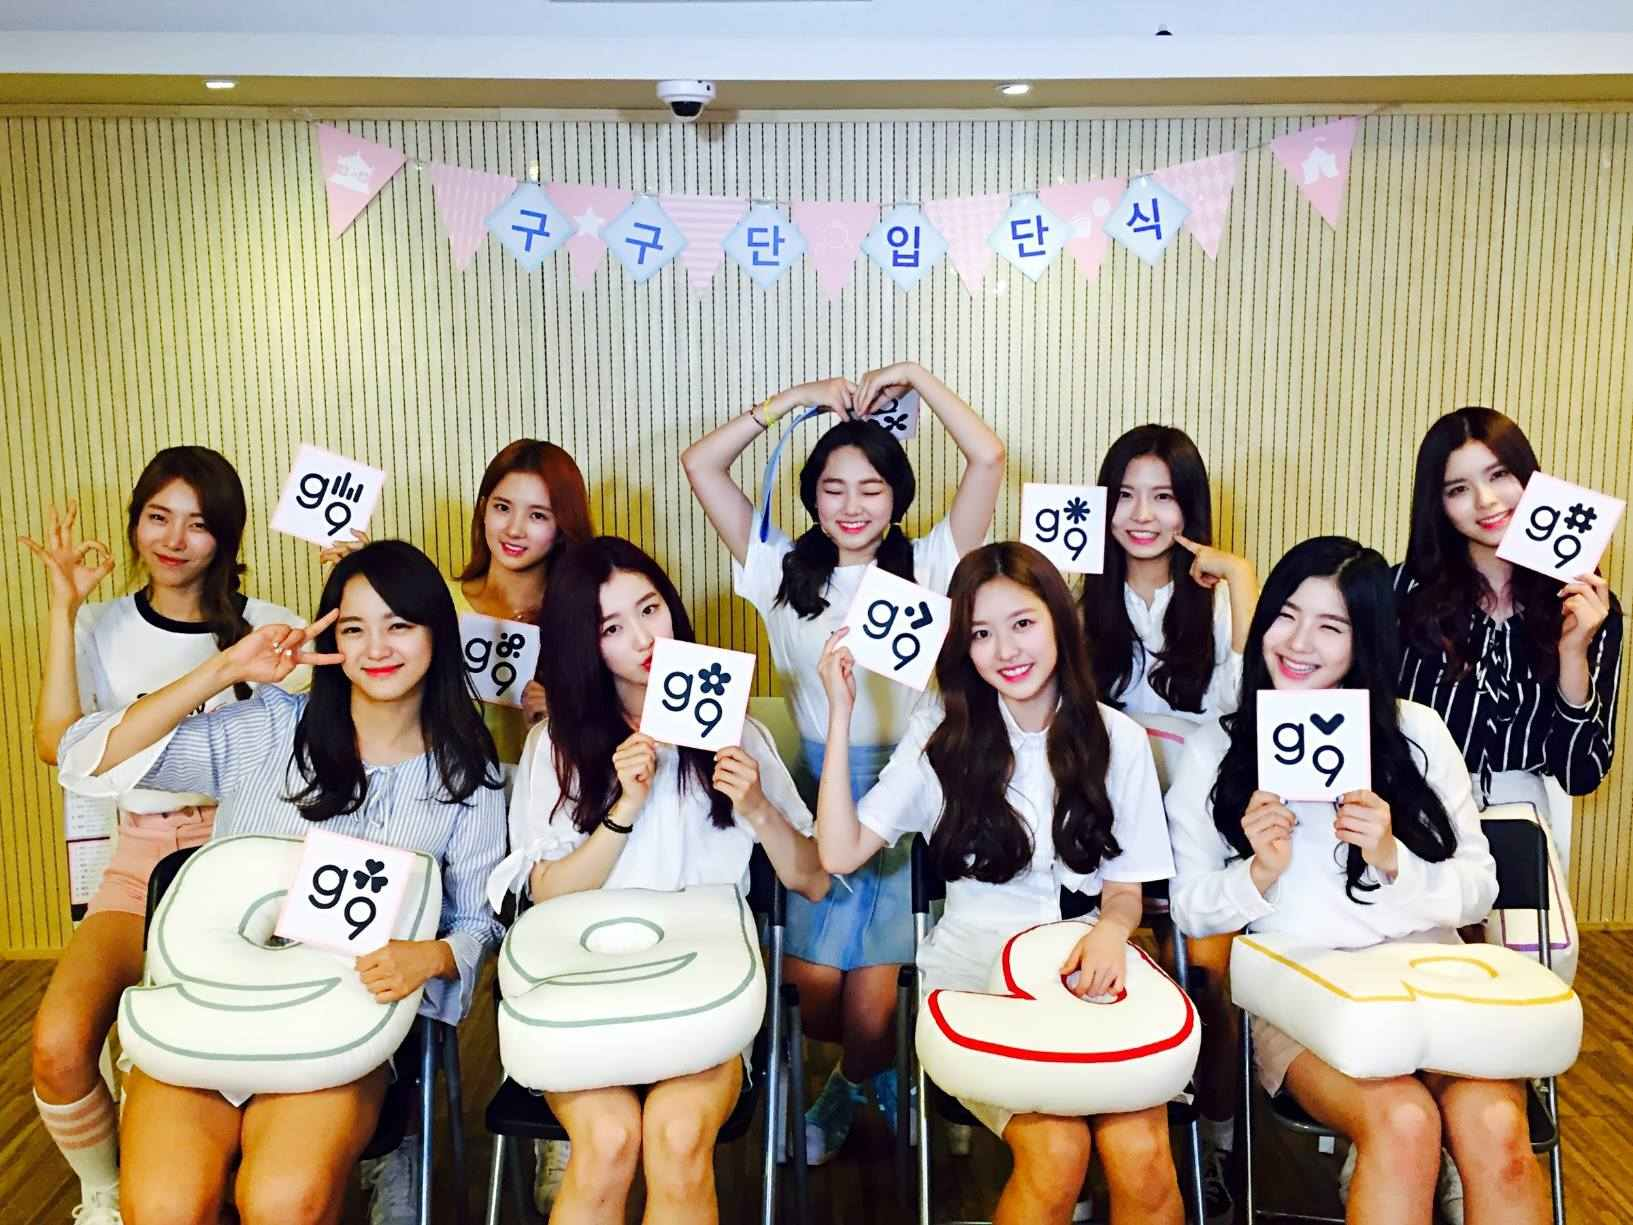 #18. gugudan 寓意為有著九種不同的魅力九位少女所組成的劇團